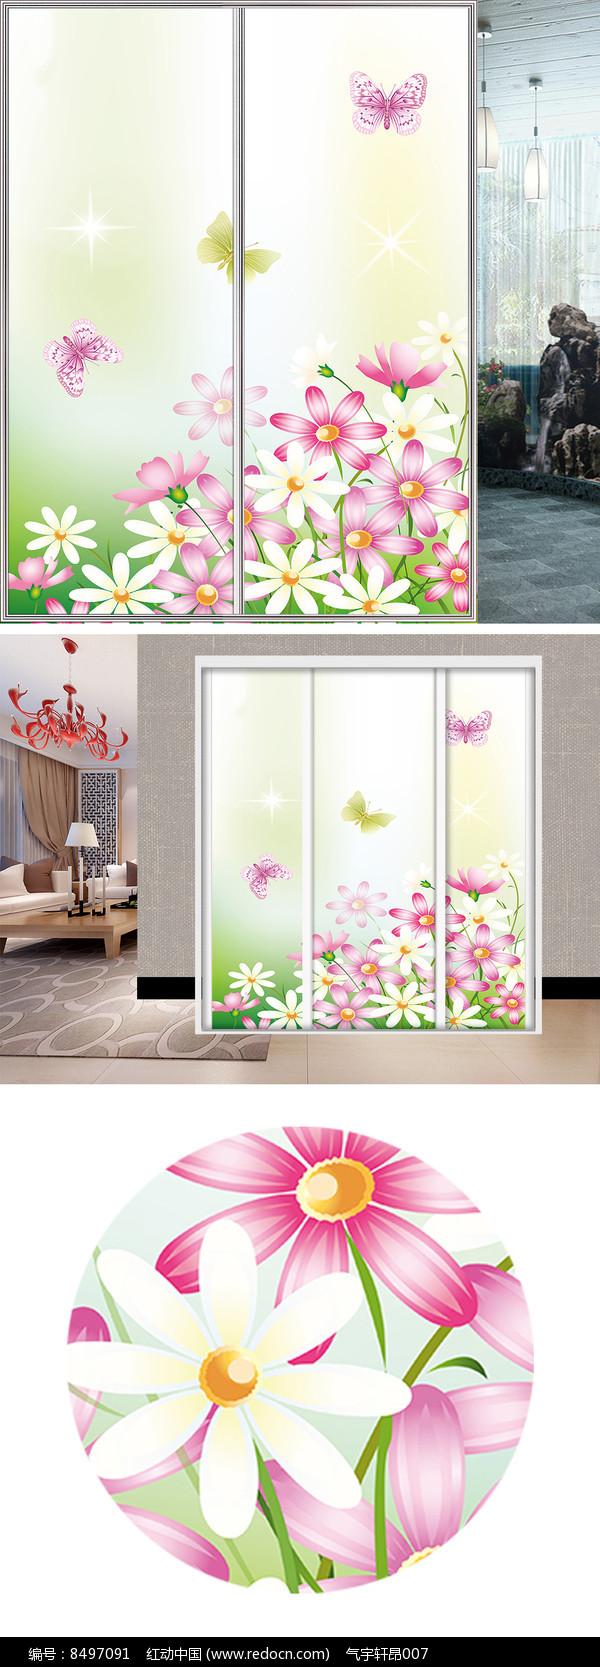 彩色花朵蝴蝶衣柜移门图片背景图片